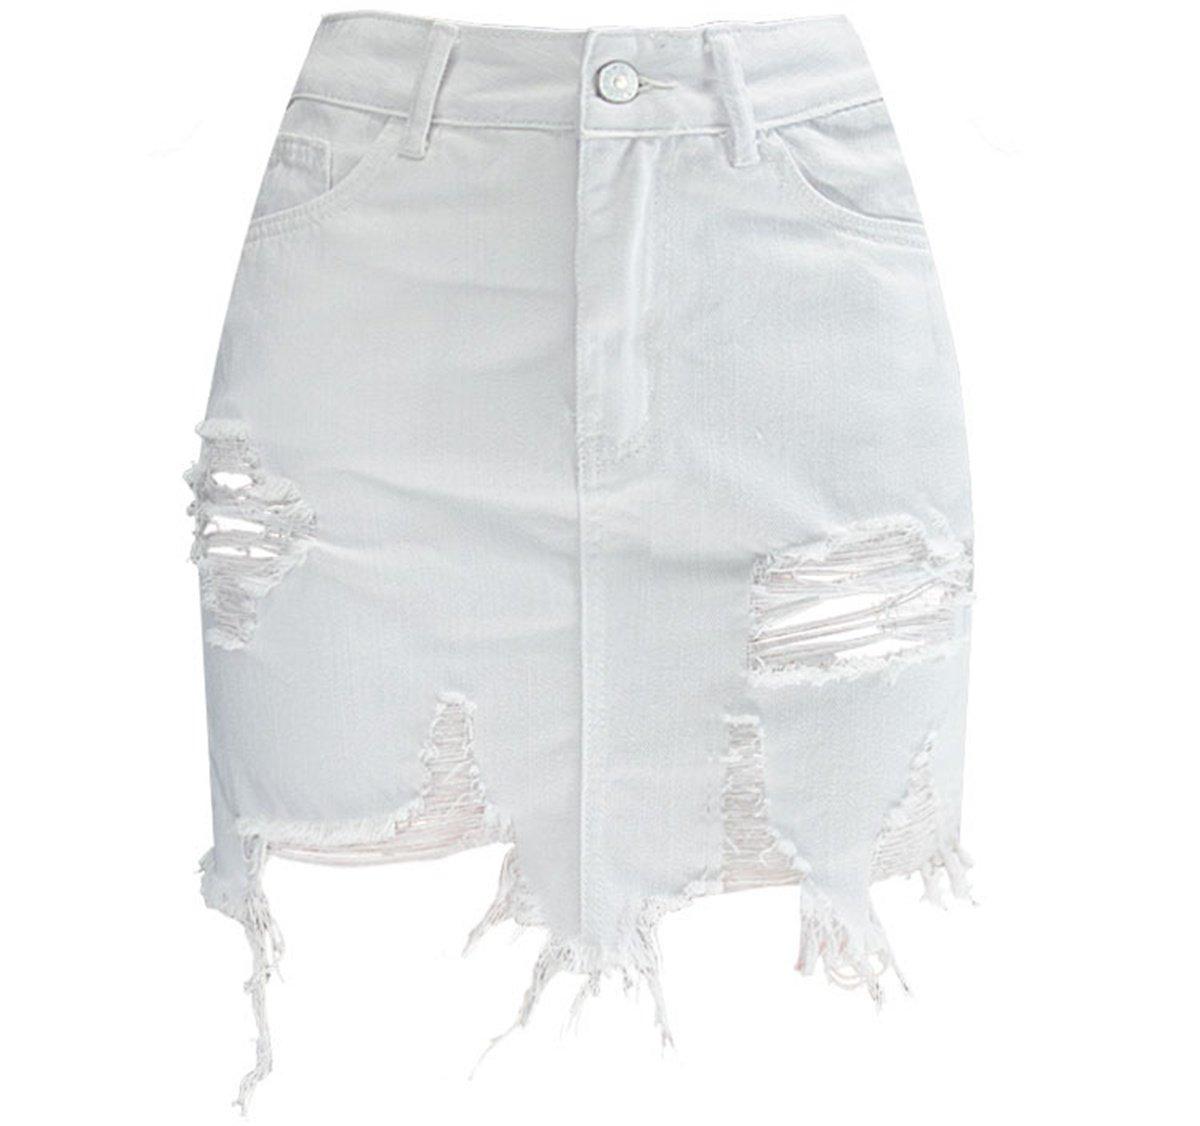 QINGFANG Women's Short Denim Skirt Women's Rip Denim Mini Skirt Red (White, S)